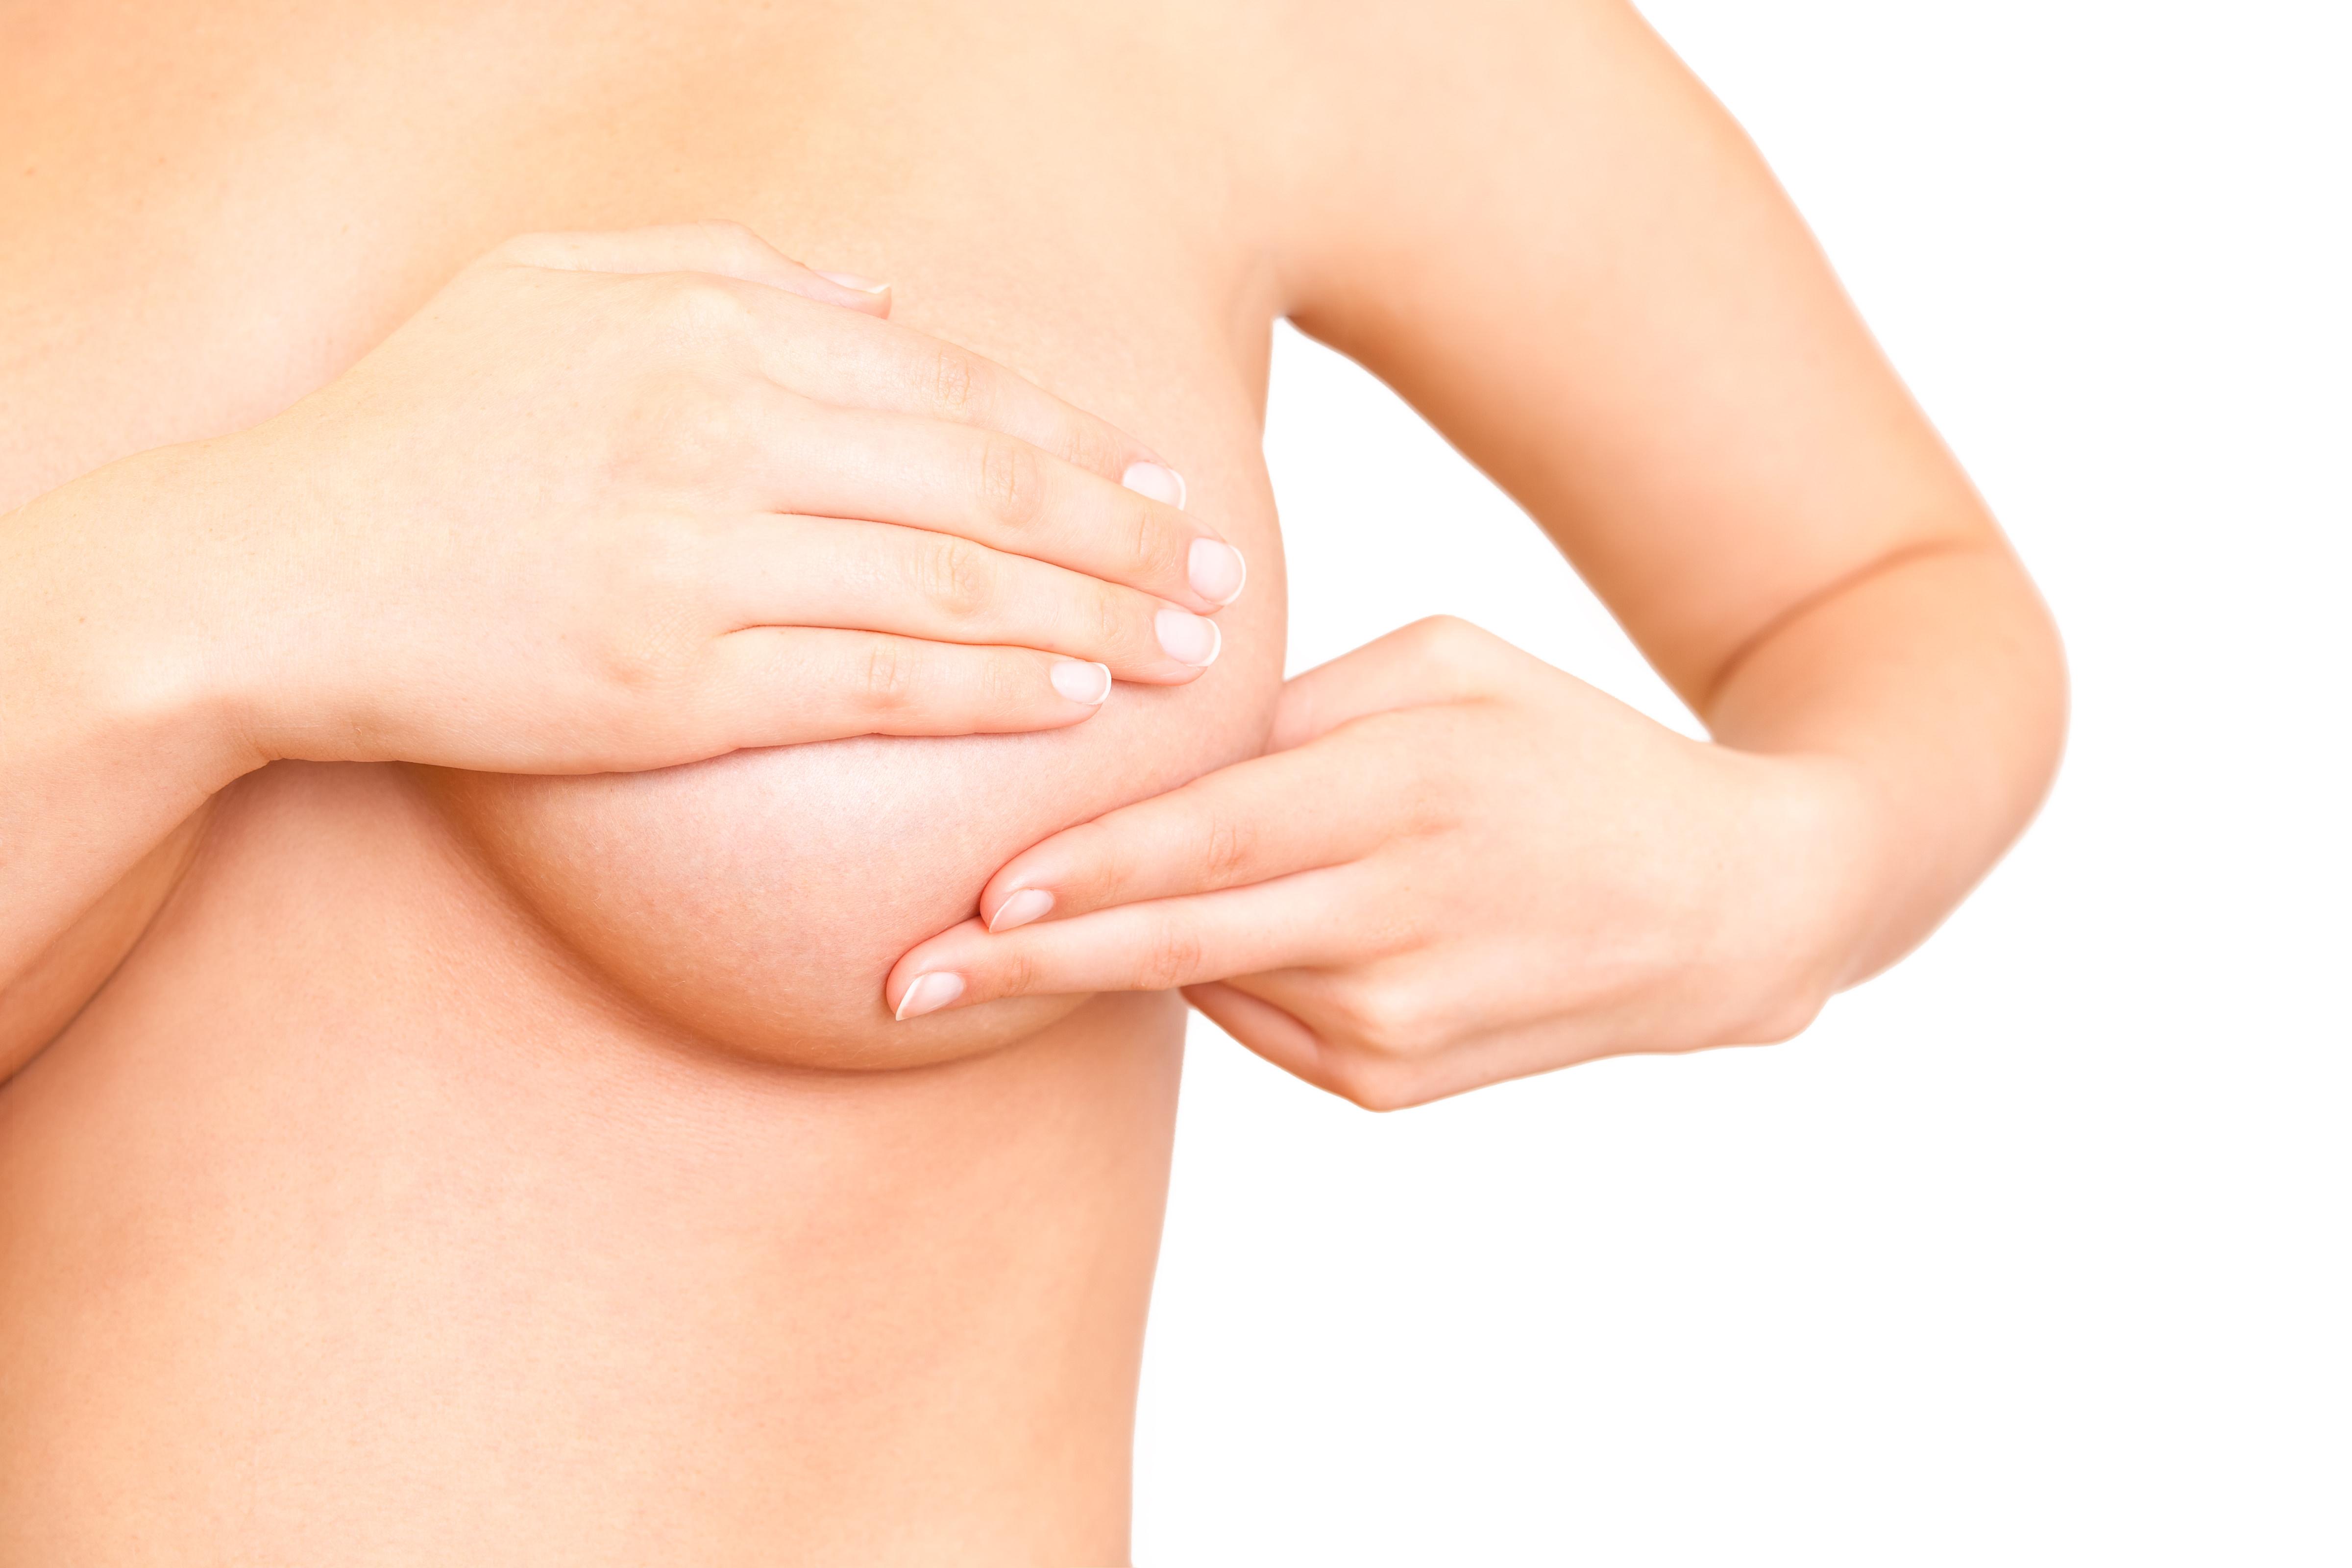 cáncer de mama - clínica dermatológica madrid